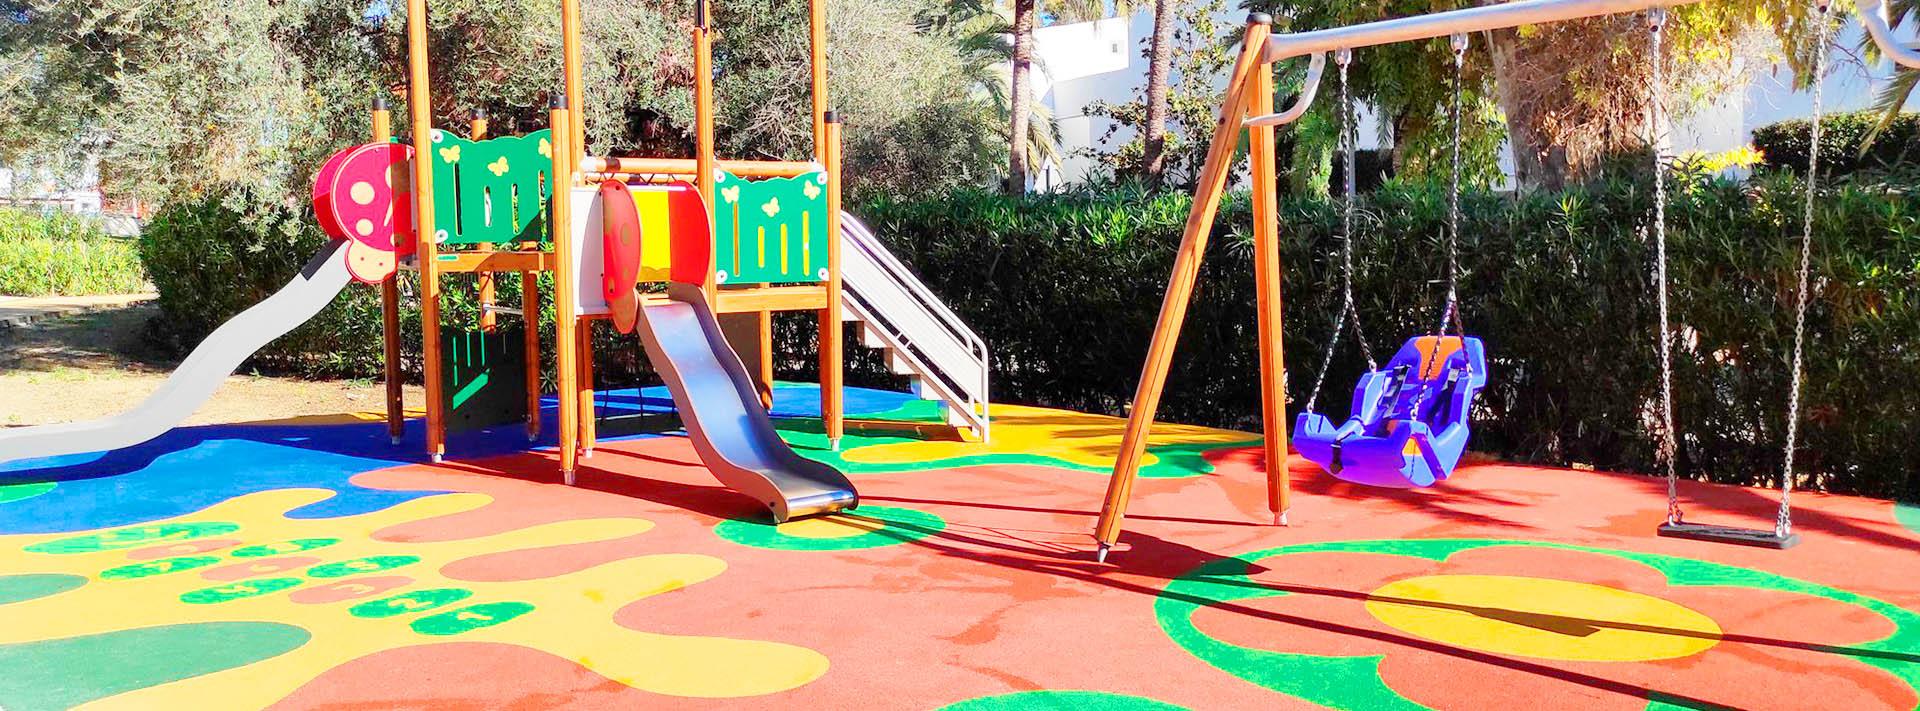 Nuevo parque infantil adaptado en la zona de Guadalmina